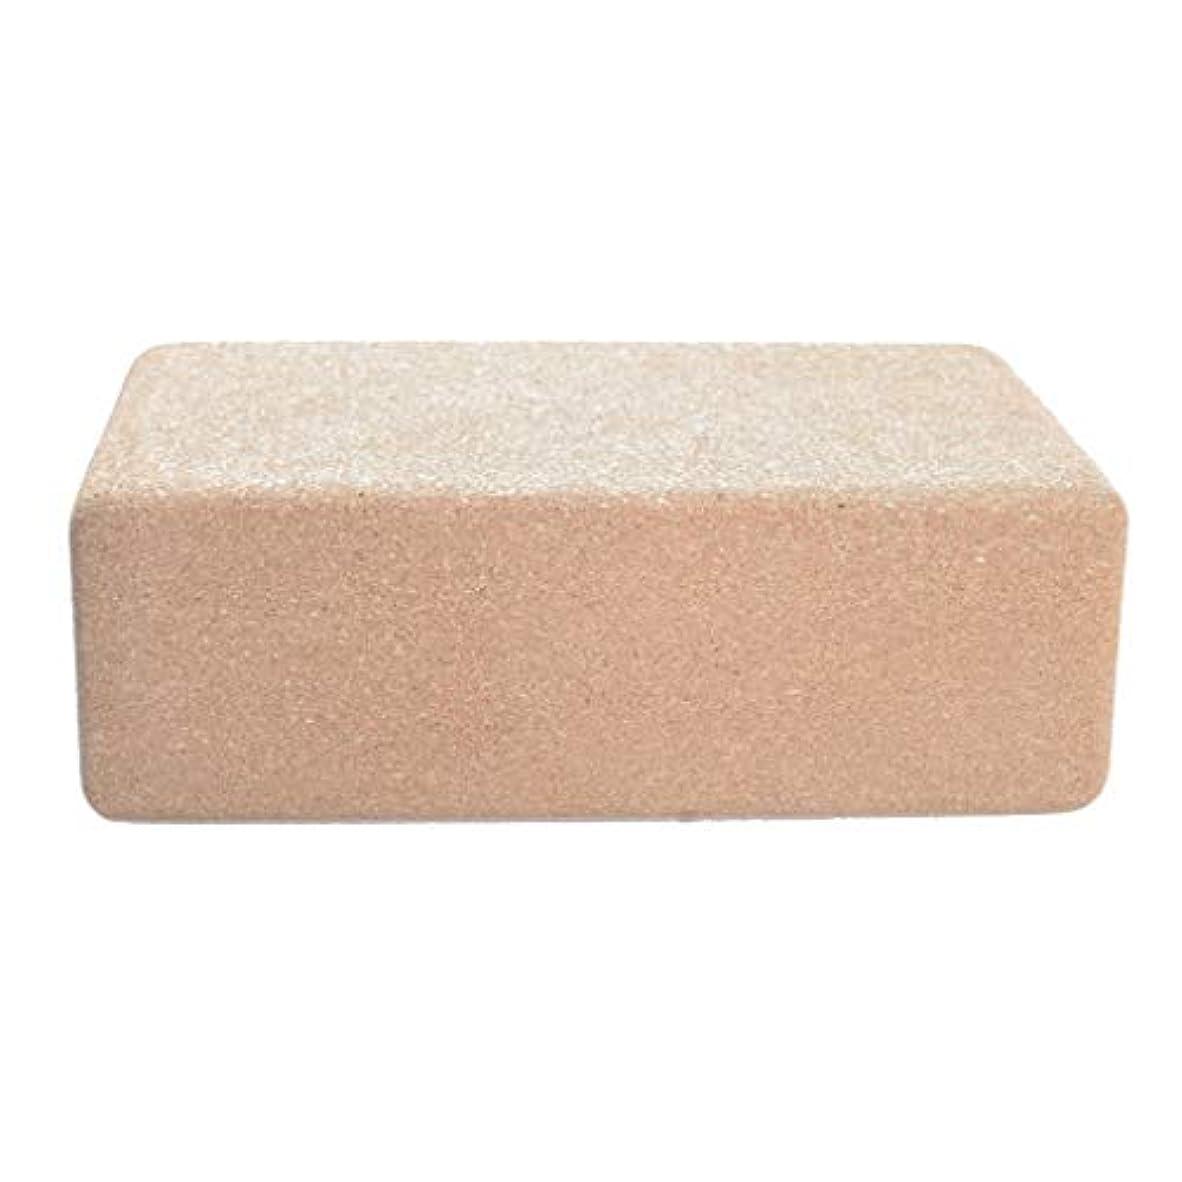 吸い込むエチケット百万KOROWA バックサポート ヨガ初心者 ブロックソフト 木製 ノンスリップ 臭気耐性防湿 ブロックレンガ